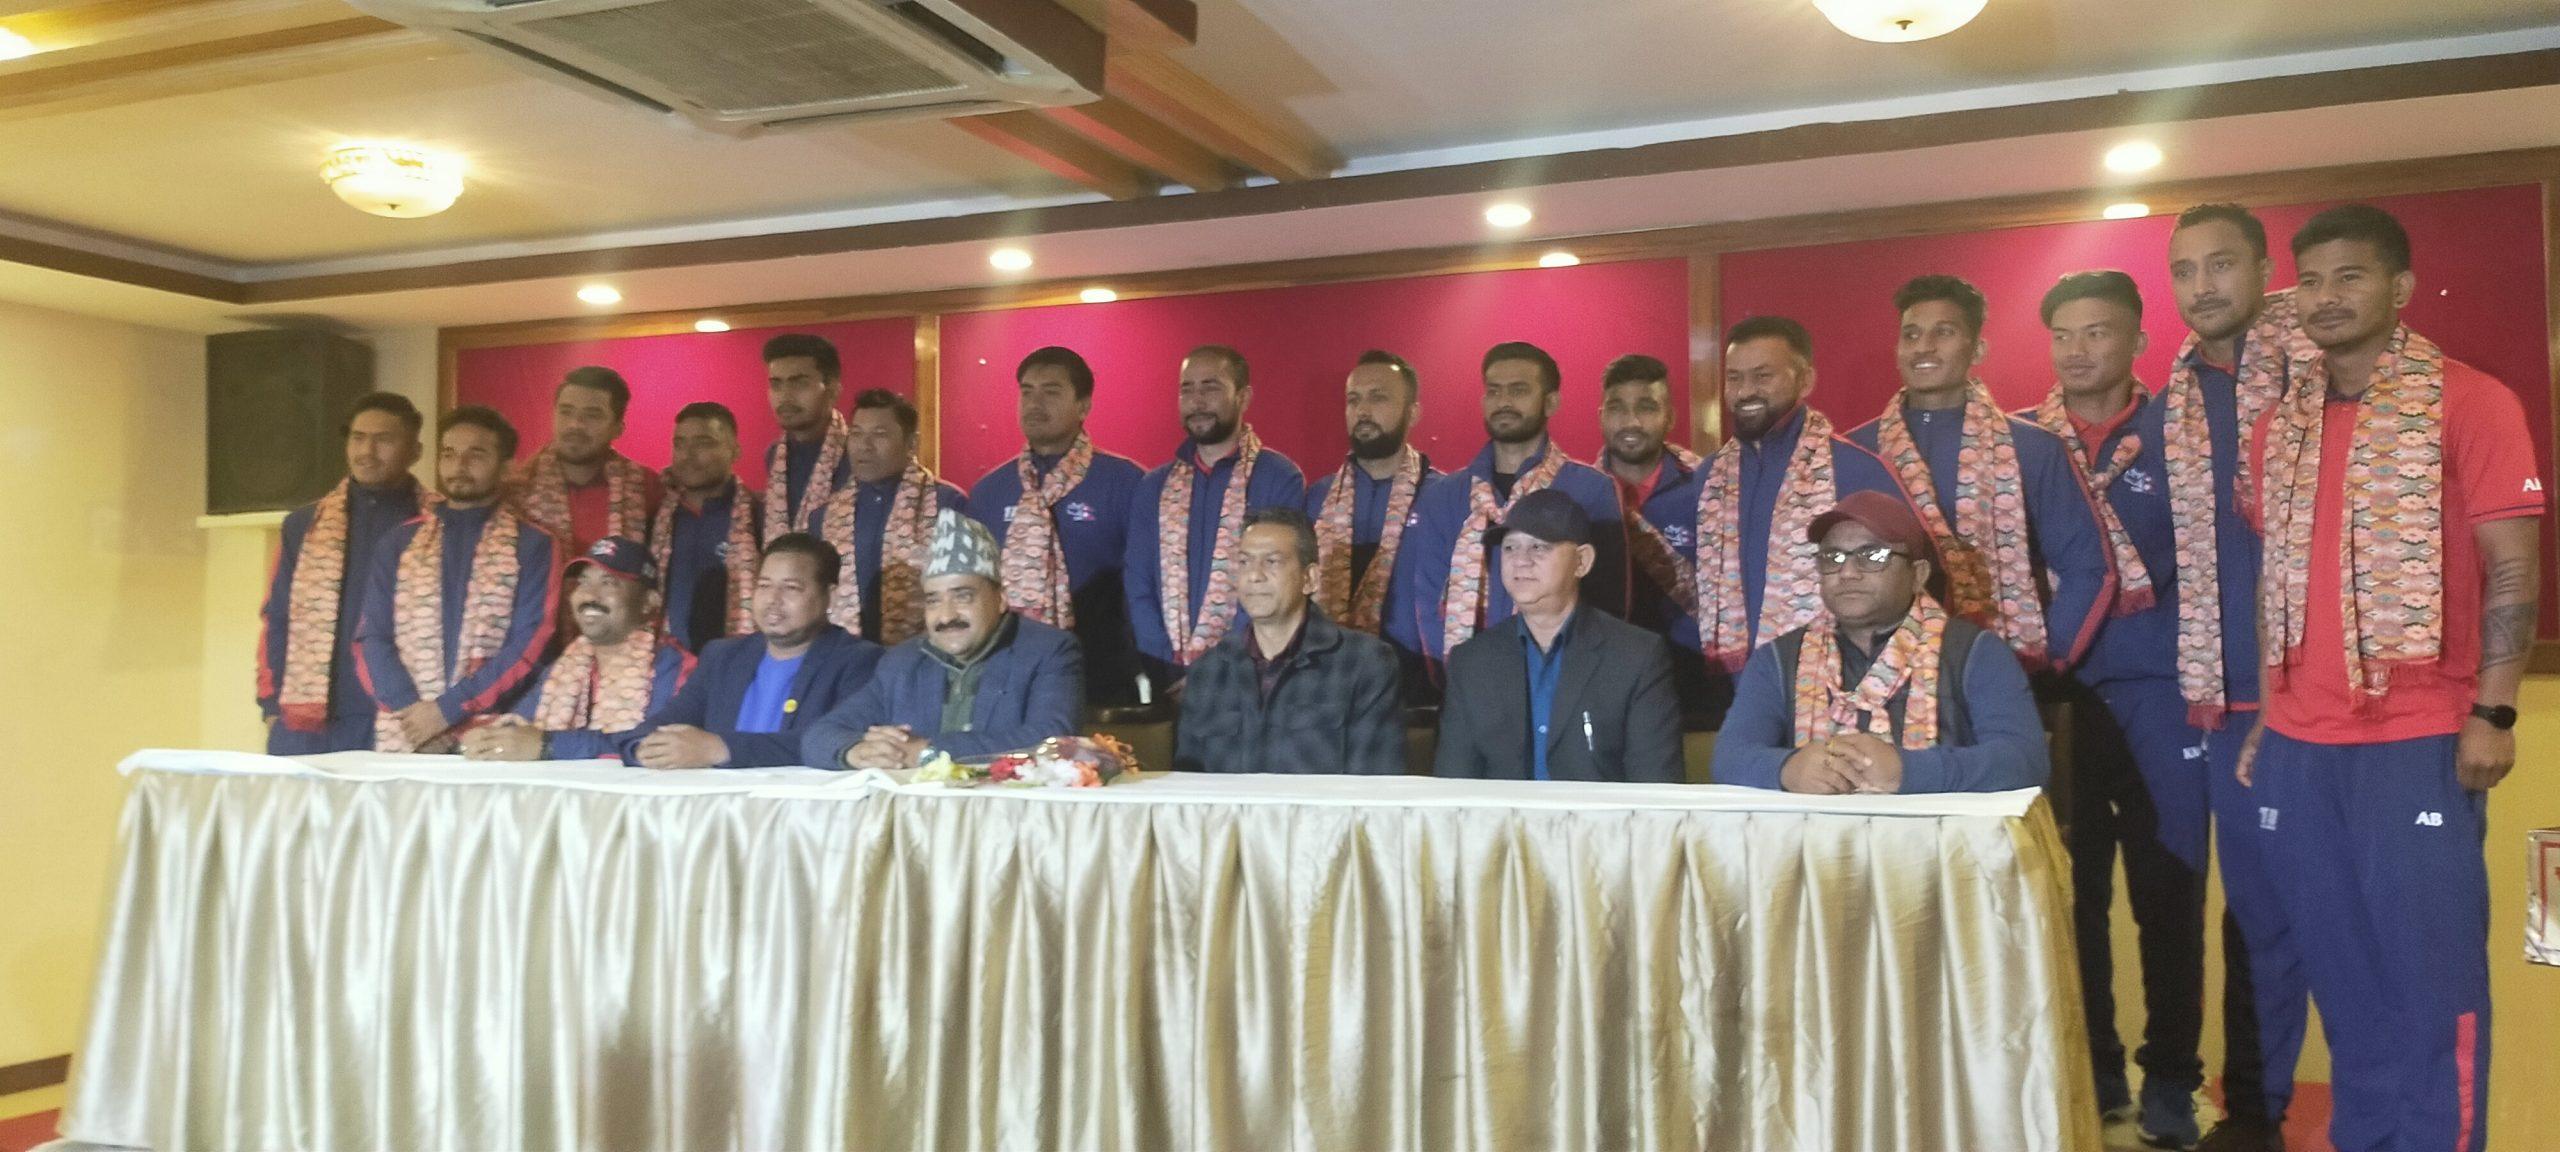 नेपाली क्रिकेट टिमको विदाई, लक्ष्य उपाधि